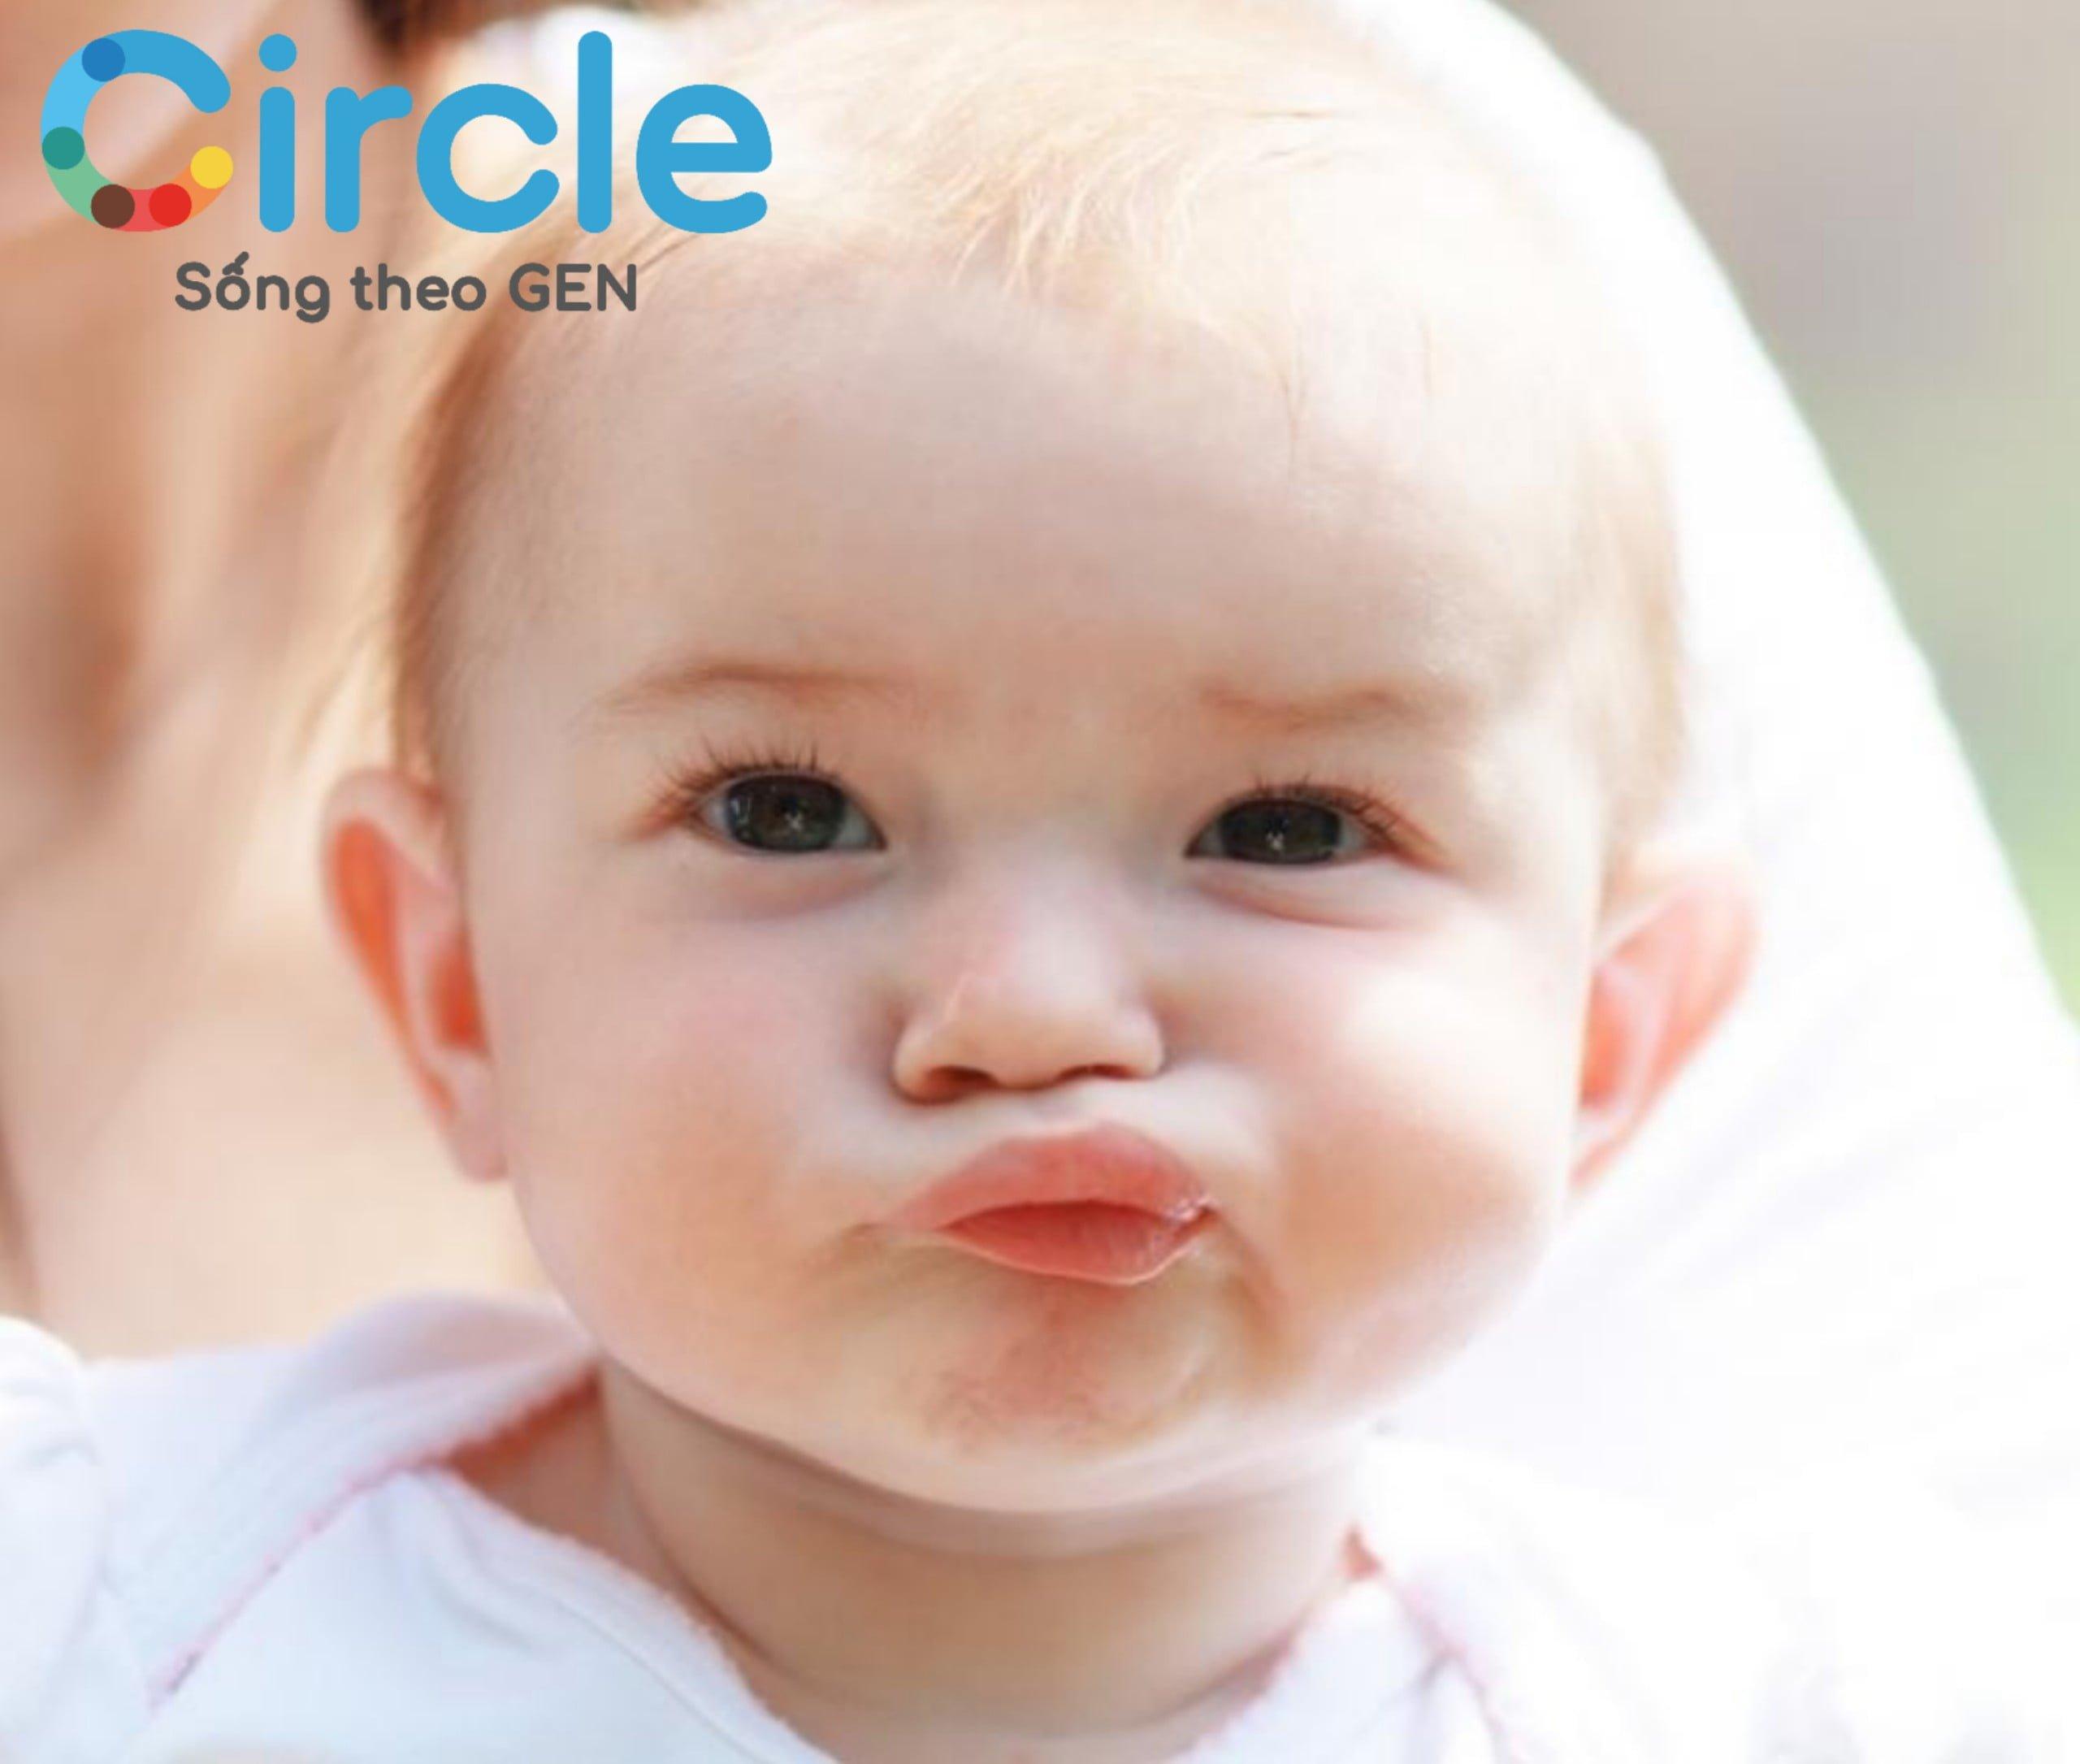 Lúc rảnh, miệng trẻ cứ nhai tóp tép là dấu hiệu của việc trẻ bắt đầu muốn ăn dặm. Mẹ hãy lên ngay thực đơn ăn dặm cho bé 5 tháng tuổi nhé!